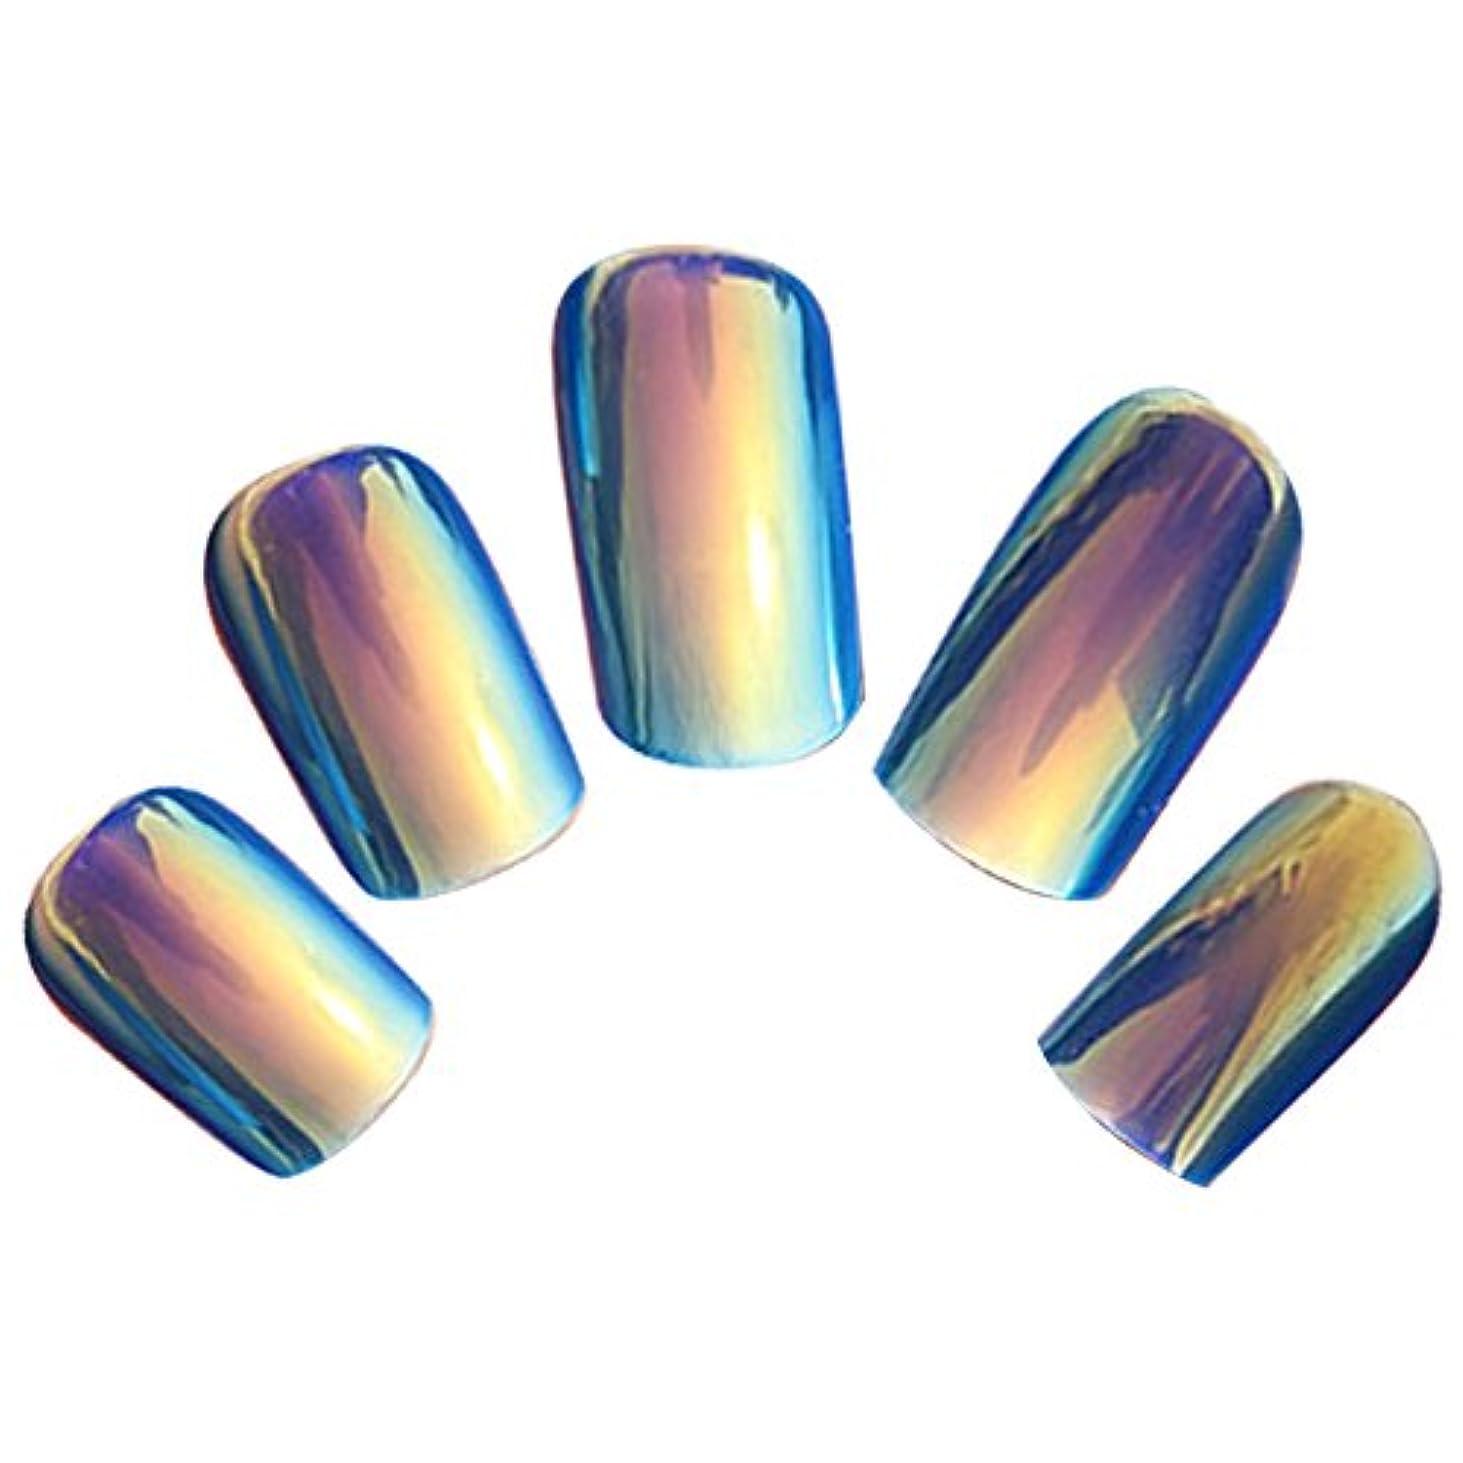 病弱巻き戻す首相ゴシレ Gosear 24 個 12 サイズ ネイルチップ 人工偽爪のヒント 青色